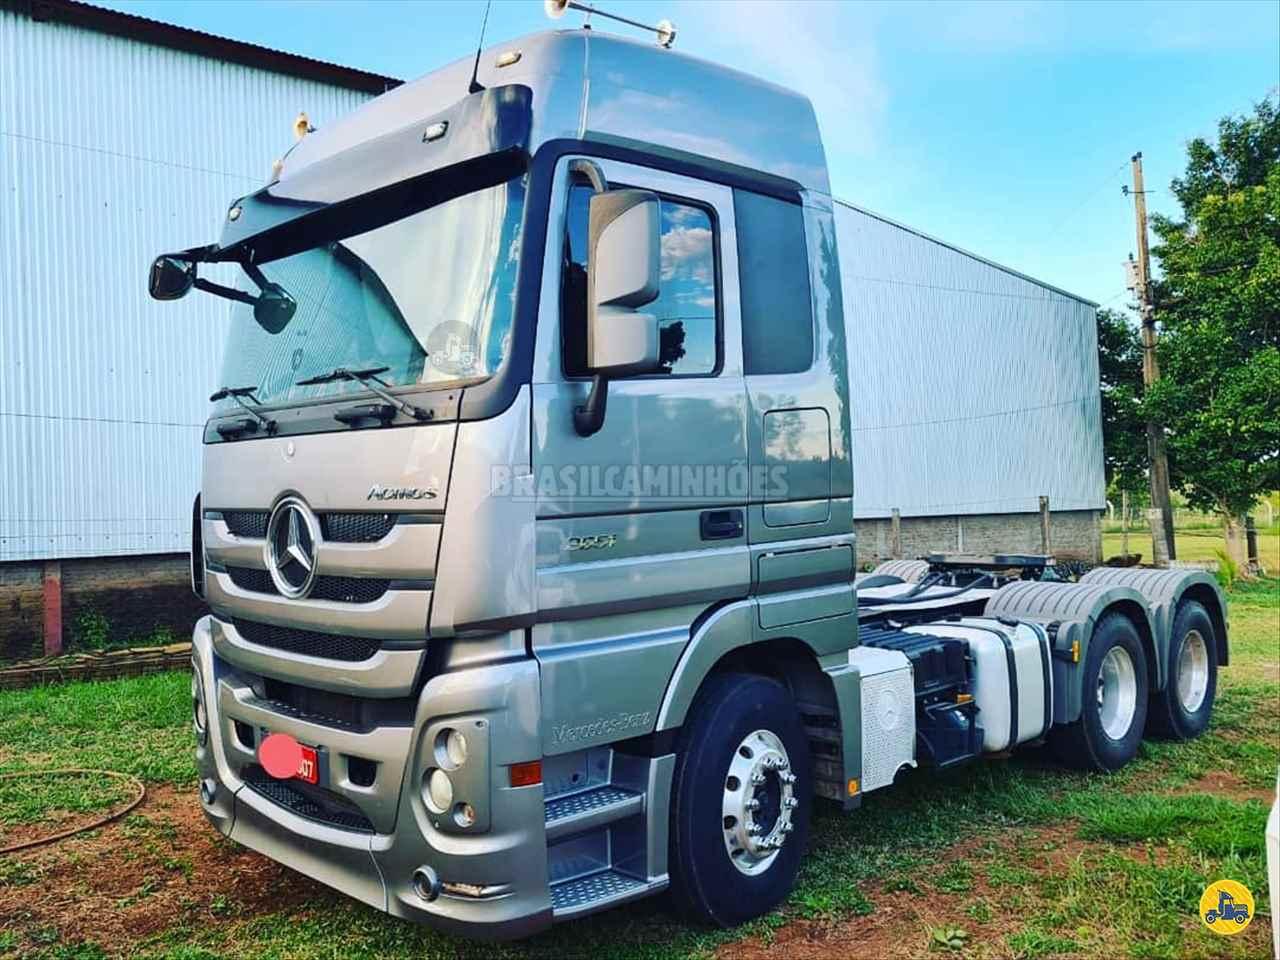 CAMINHAO MERCEDES-BENZ MB 2651 Caçamba Basculante Traçado 6x4 Brasil Caminhões Sinop SINOP MATO GROSSO MT